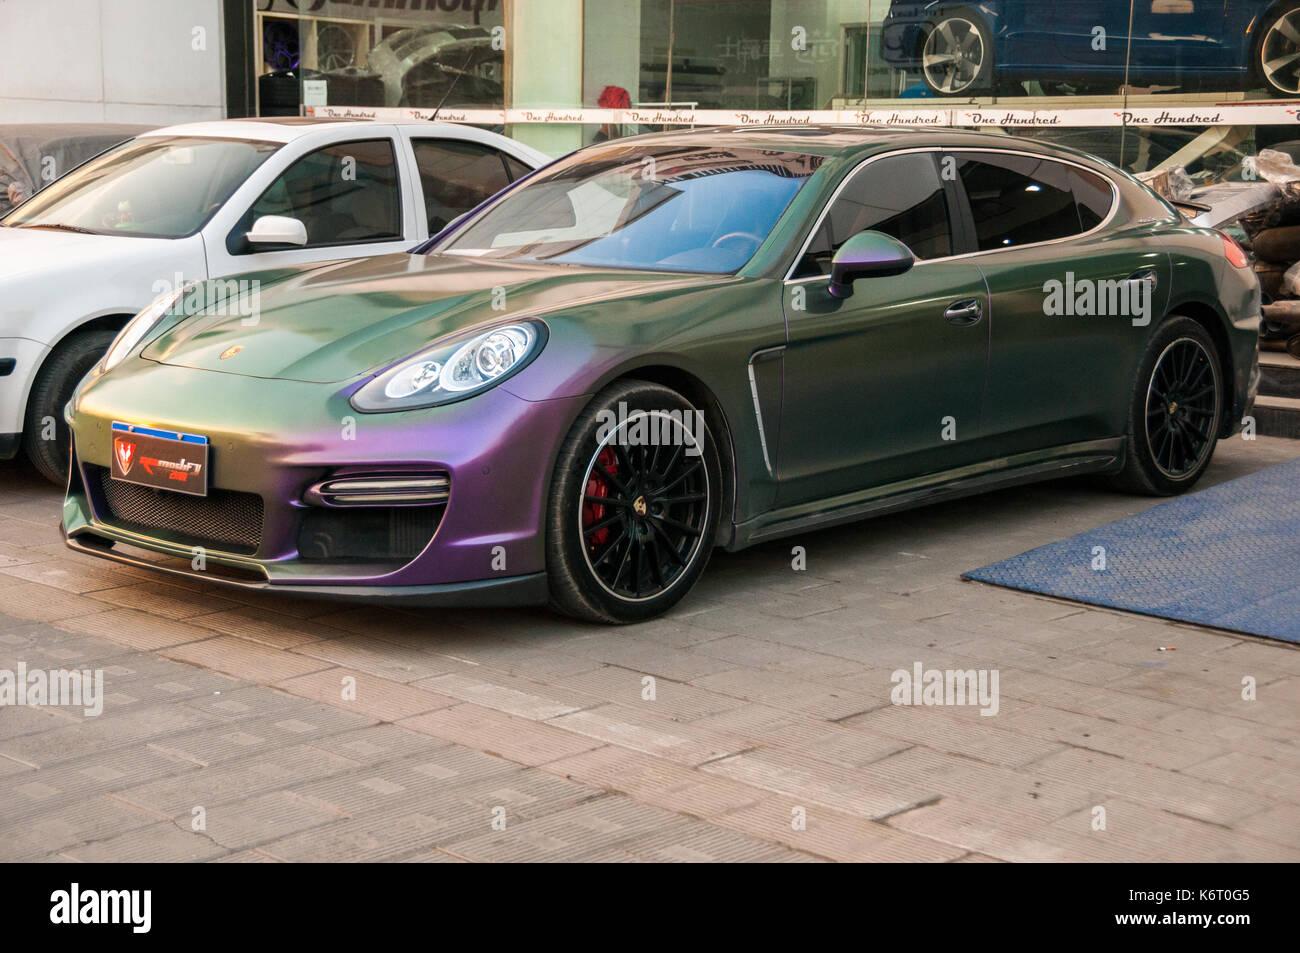 Porsche Panamera Avec Une Peinture Violetvert Spécial Qui Change De